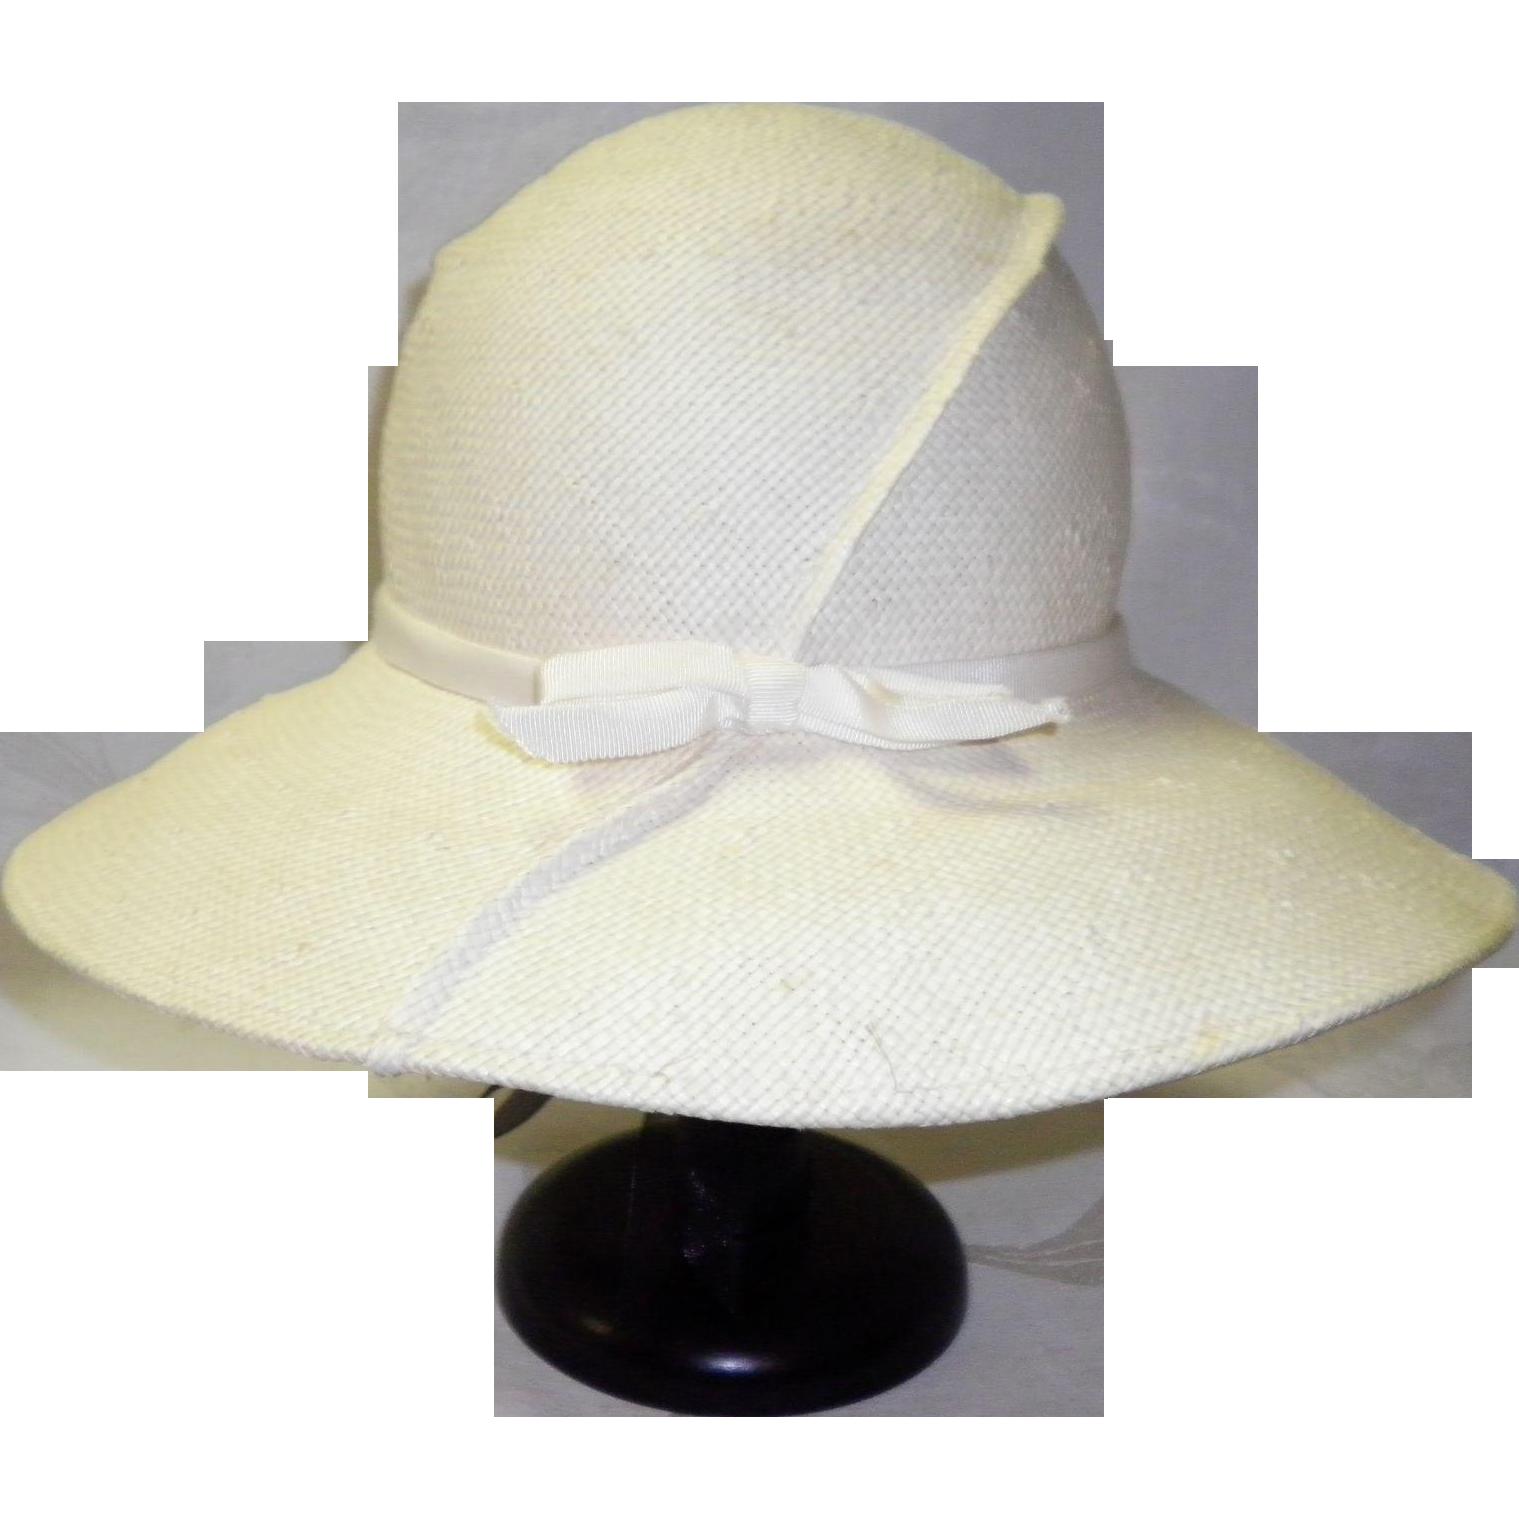 Vintage Frank Olive Straw Hat